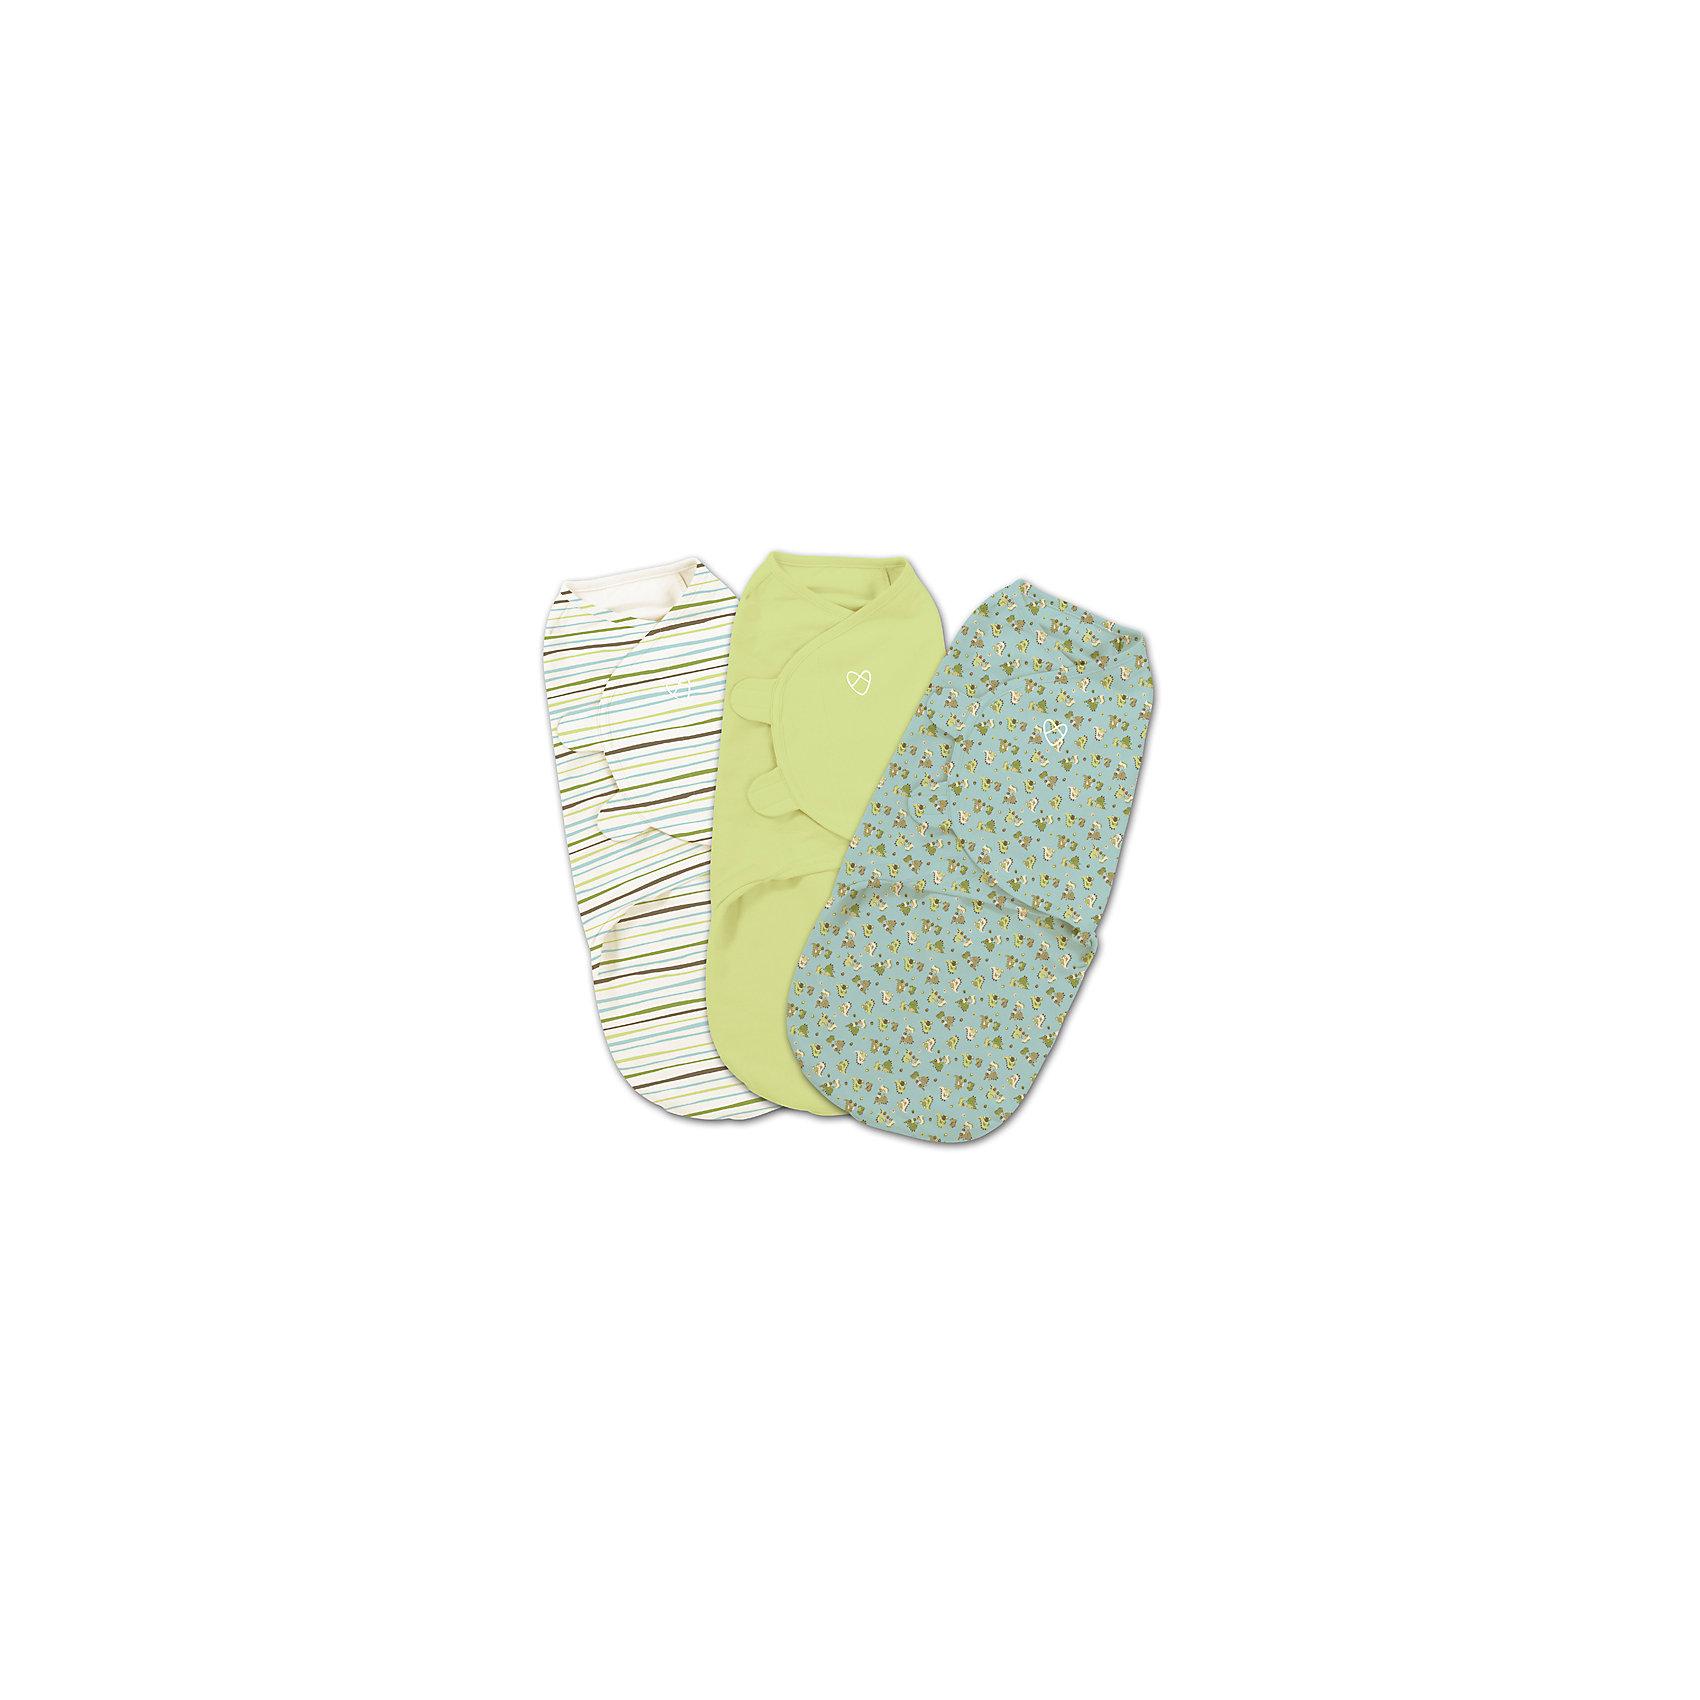 Конверт на липучке Swaddleme, размер S/M, 3шт., Summer Infant, зеленый/голубой/динозаврыПеленание<br>Мягко облегая, конверт не ограничивает движение ребенка, и в тоже время помогает снизить рефлекс внезапного вздрагивания, благодаря этому сон малыша и родителей будет более крепким.<br>Регулируемые крылья для закрытия конверта сделаны таким образом, что даже самый активный ребенок не сможет распеленаться во время сна.<br>Объятия крыльев регулируются по мере роста ребенка.<br>Конверт можно открыть в области ног малыша для легкой смены подгузников - нет необходимости разворачивать детские ручки. Длина конверта: S/M- 55 см. (от 3 до 6 кг)<br><br>Ширина мм: 210<br>Глубина мм: 270<br>Высота мм: 45<br>Вес г: 400<br>Возраст от месяцев: 0<br>Возраст до месяцев: 3<br>Пол: Мужской<br>Возраст: Детский<br>SKU: 5507991